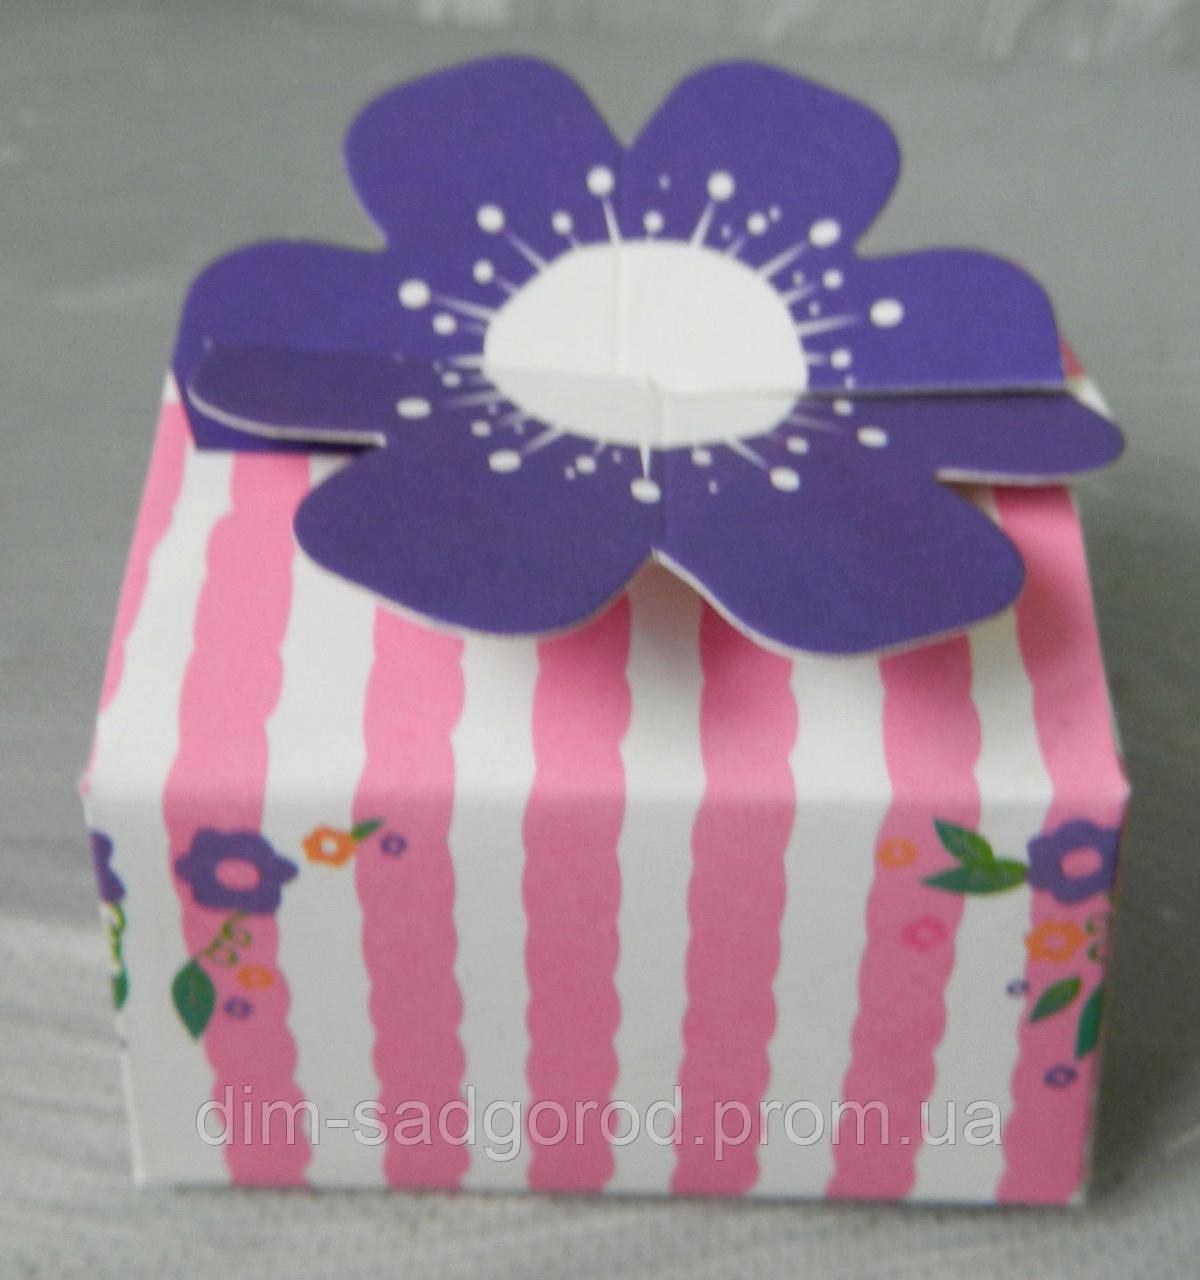 Подарункова коробка для біжутерії 10792-4-2, 7*7*6 см Коробка для бижутерии